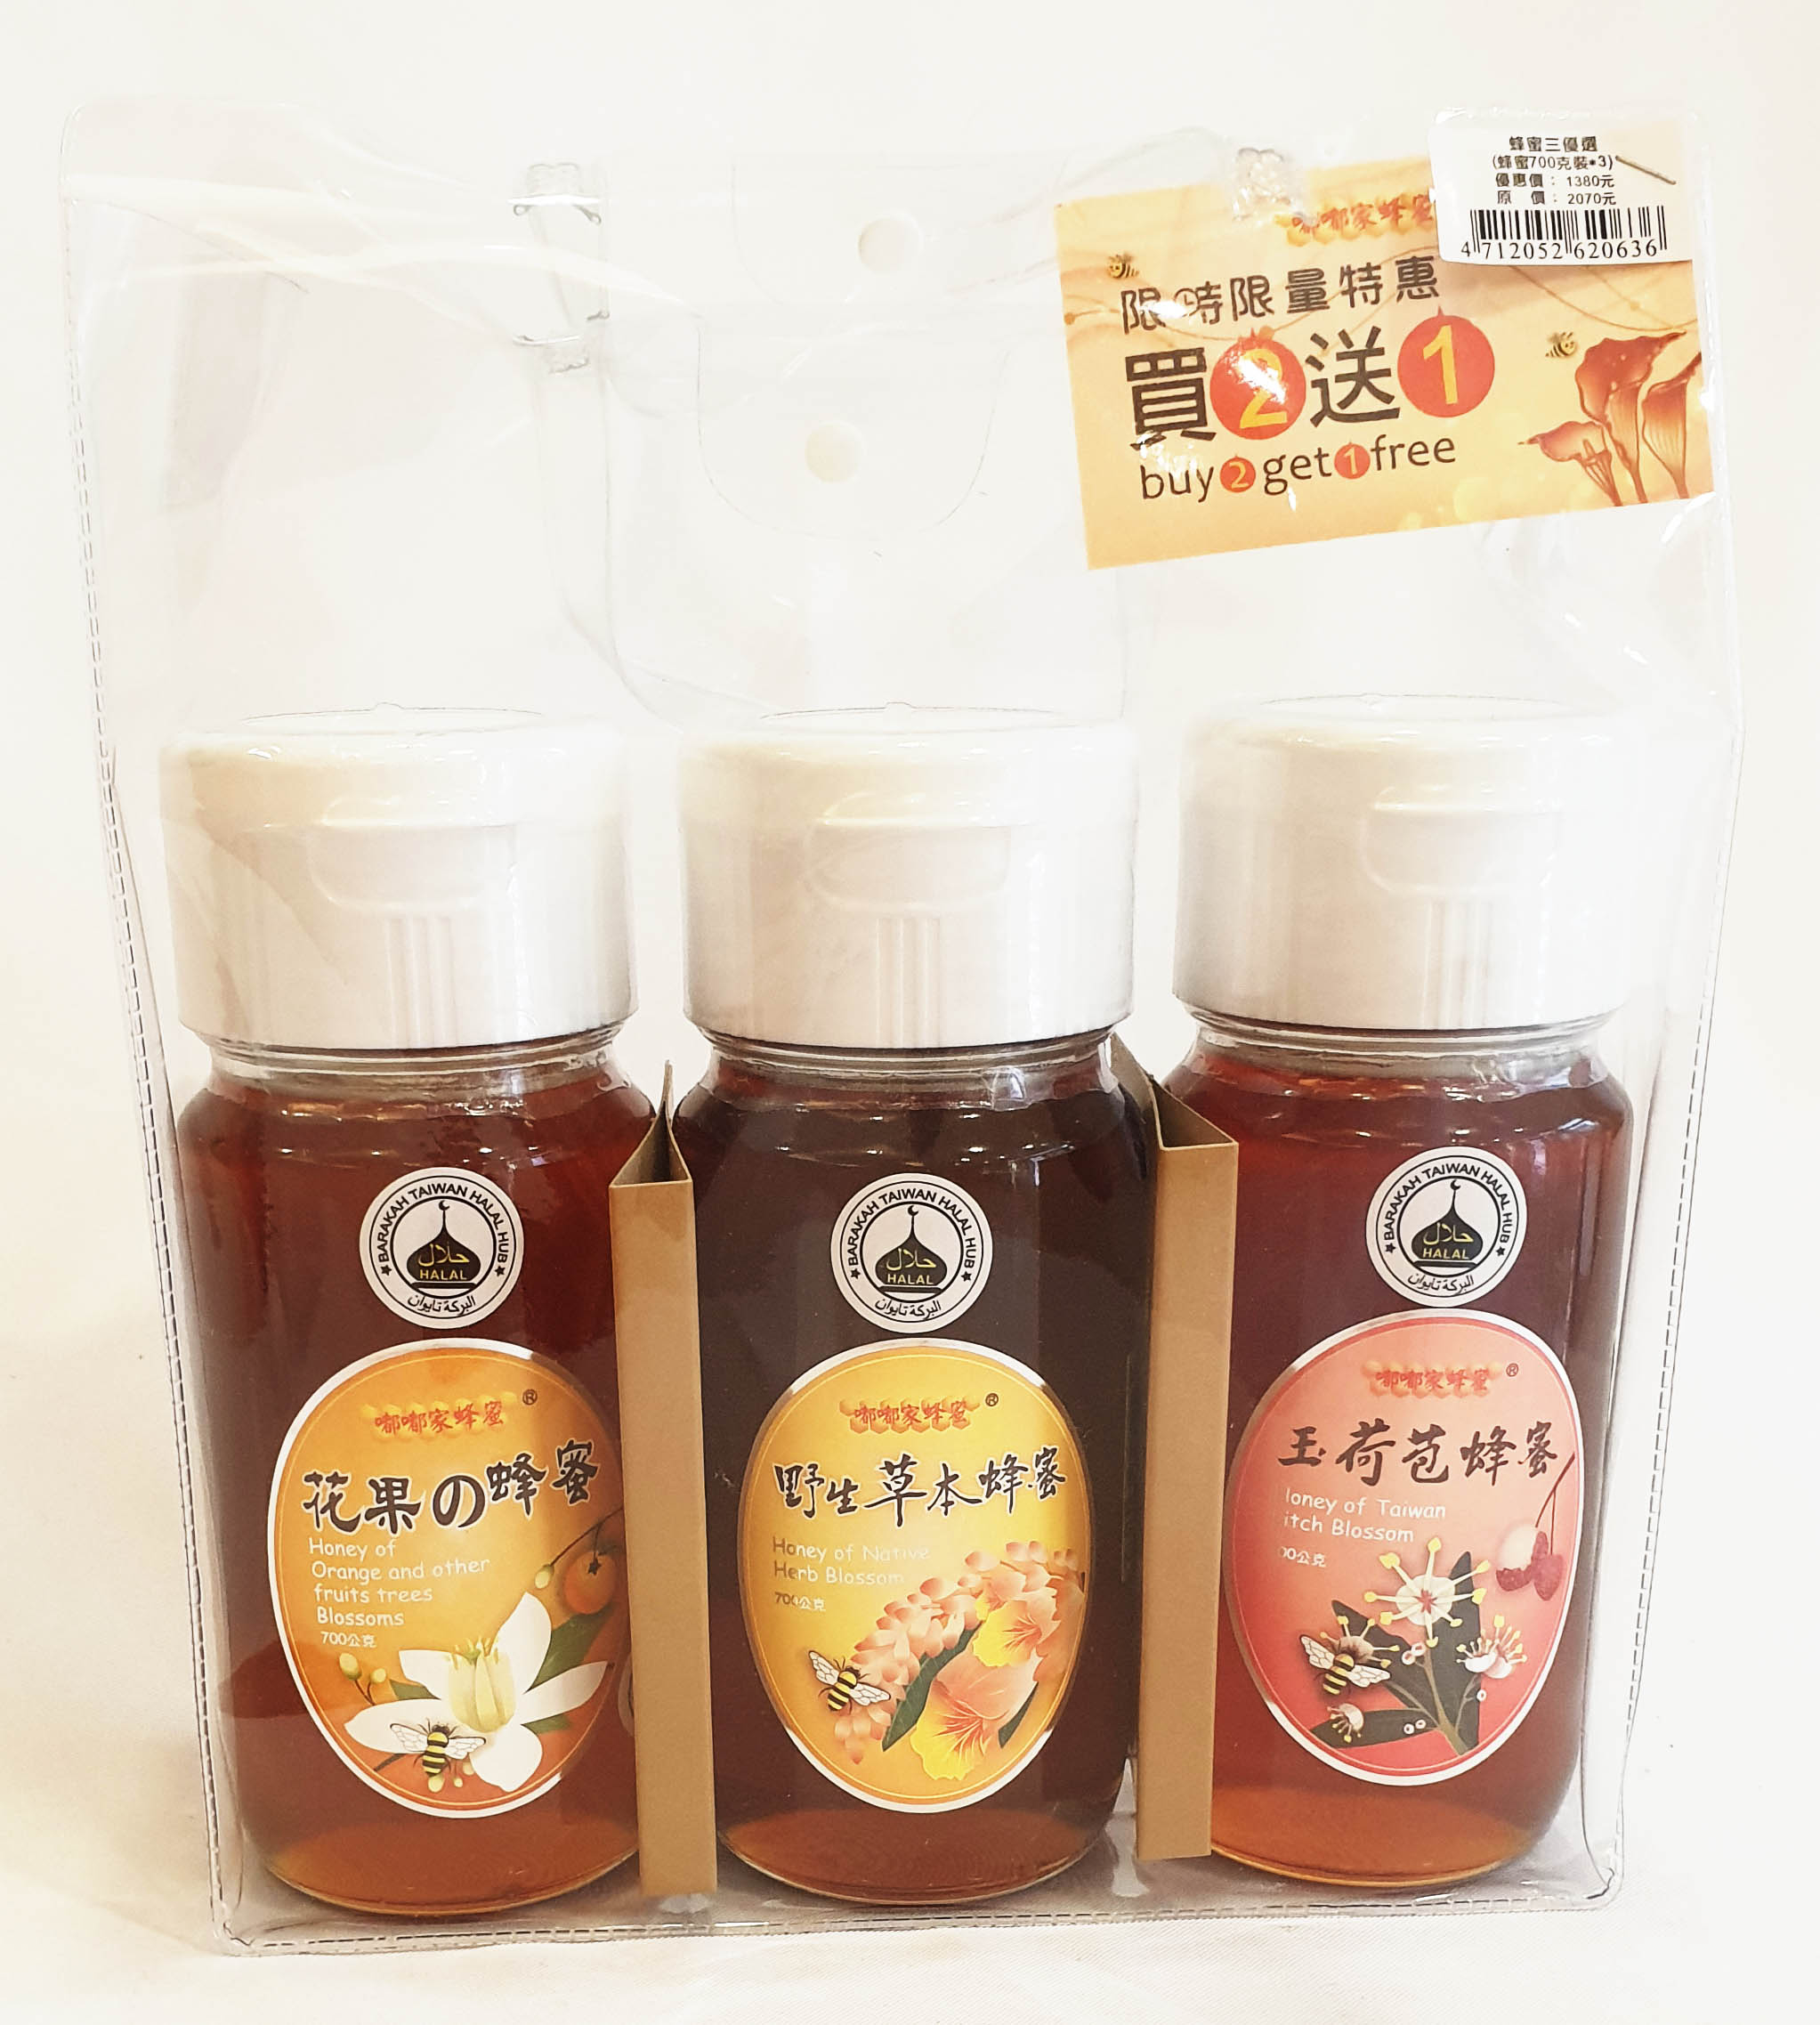 買二送一 嘟嘟家蜂蜜 花果蜂蜜 草本蜂蜜 玉荷包蜂蜜 (產地台灣)